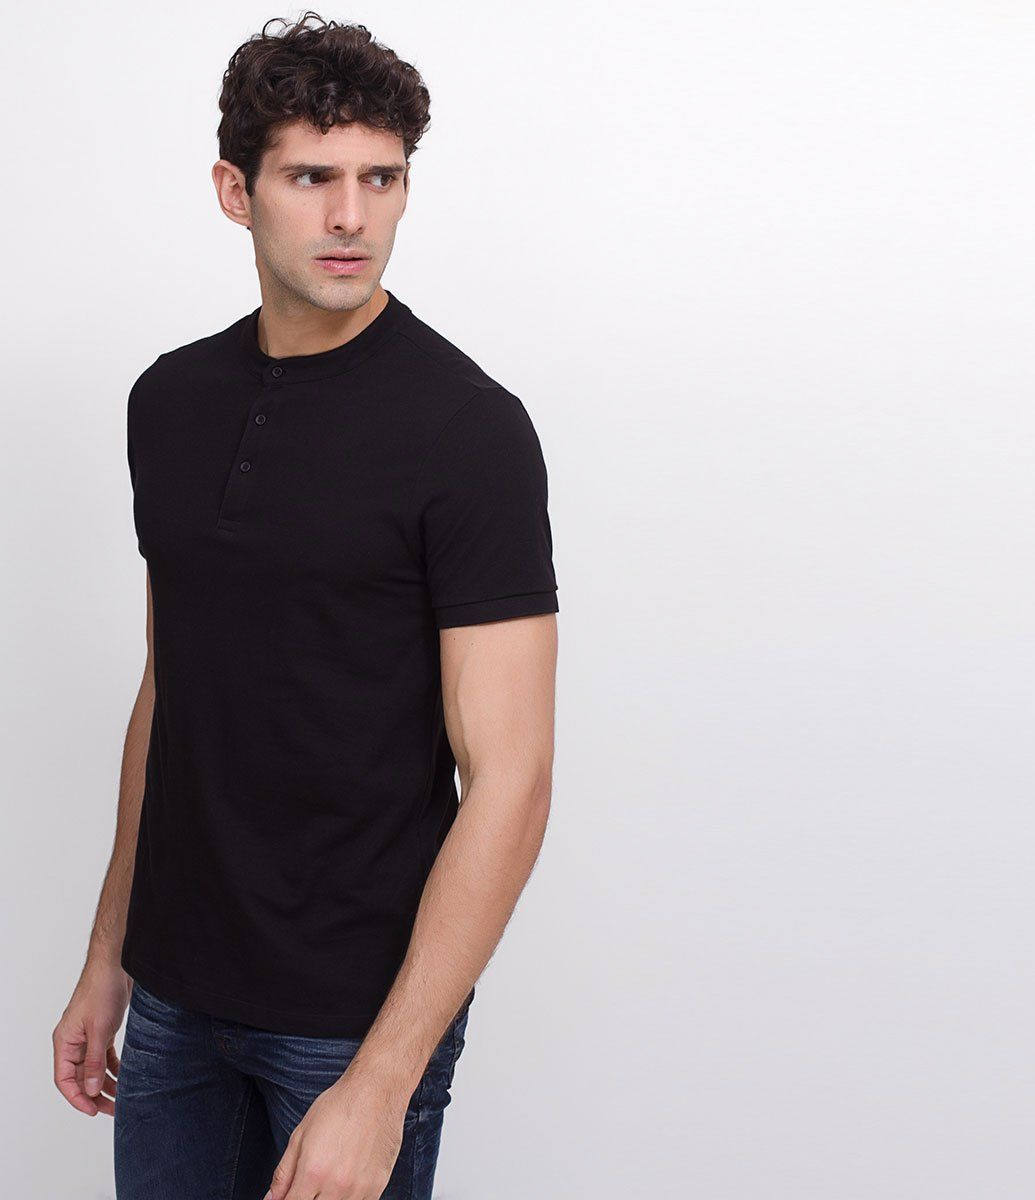 Camisa masculina Manga curta Gola padre Básica Com botões Marca  Request  Tecido  p iquet d0b4e1a24cd0f